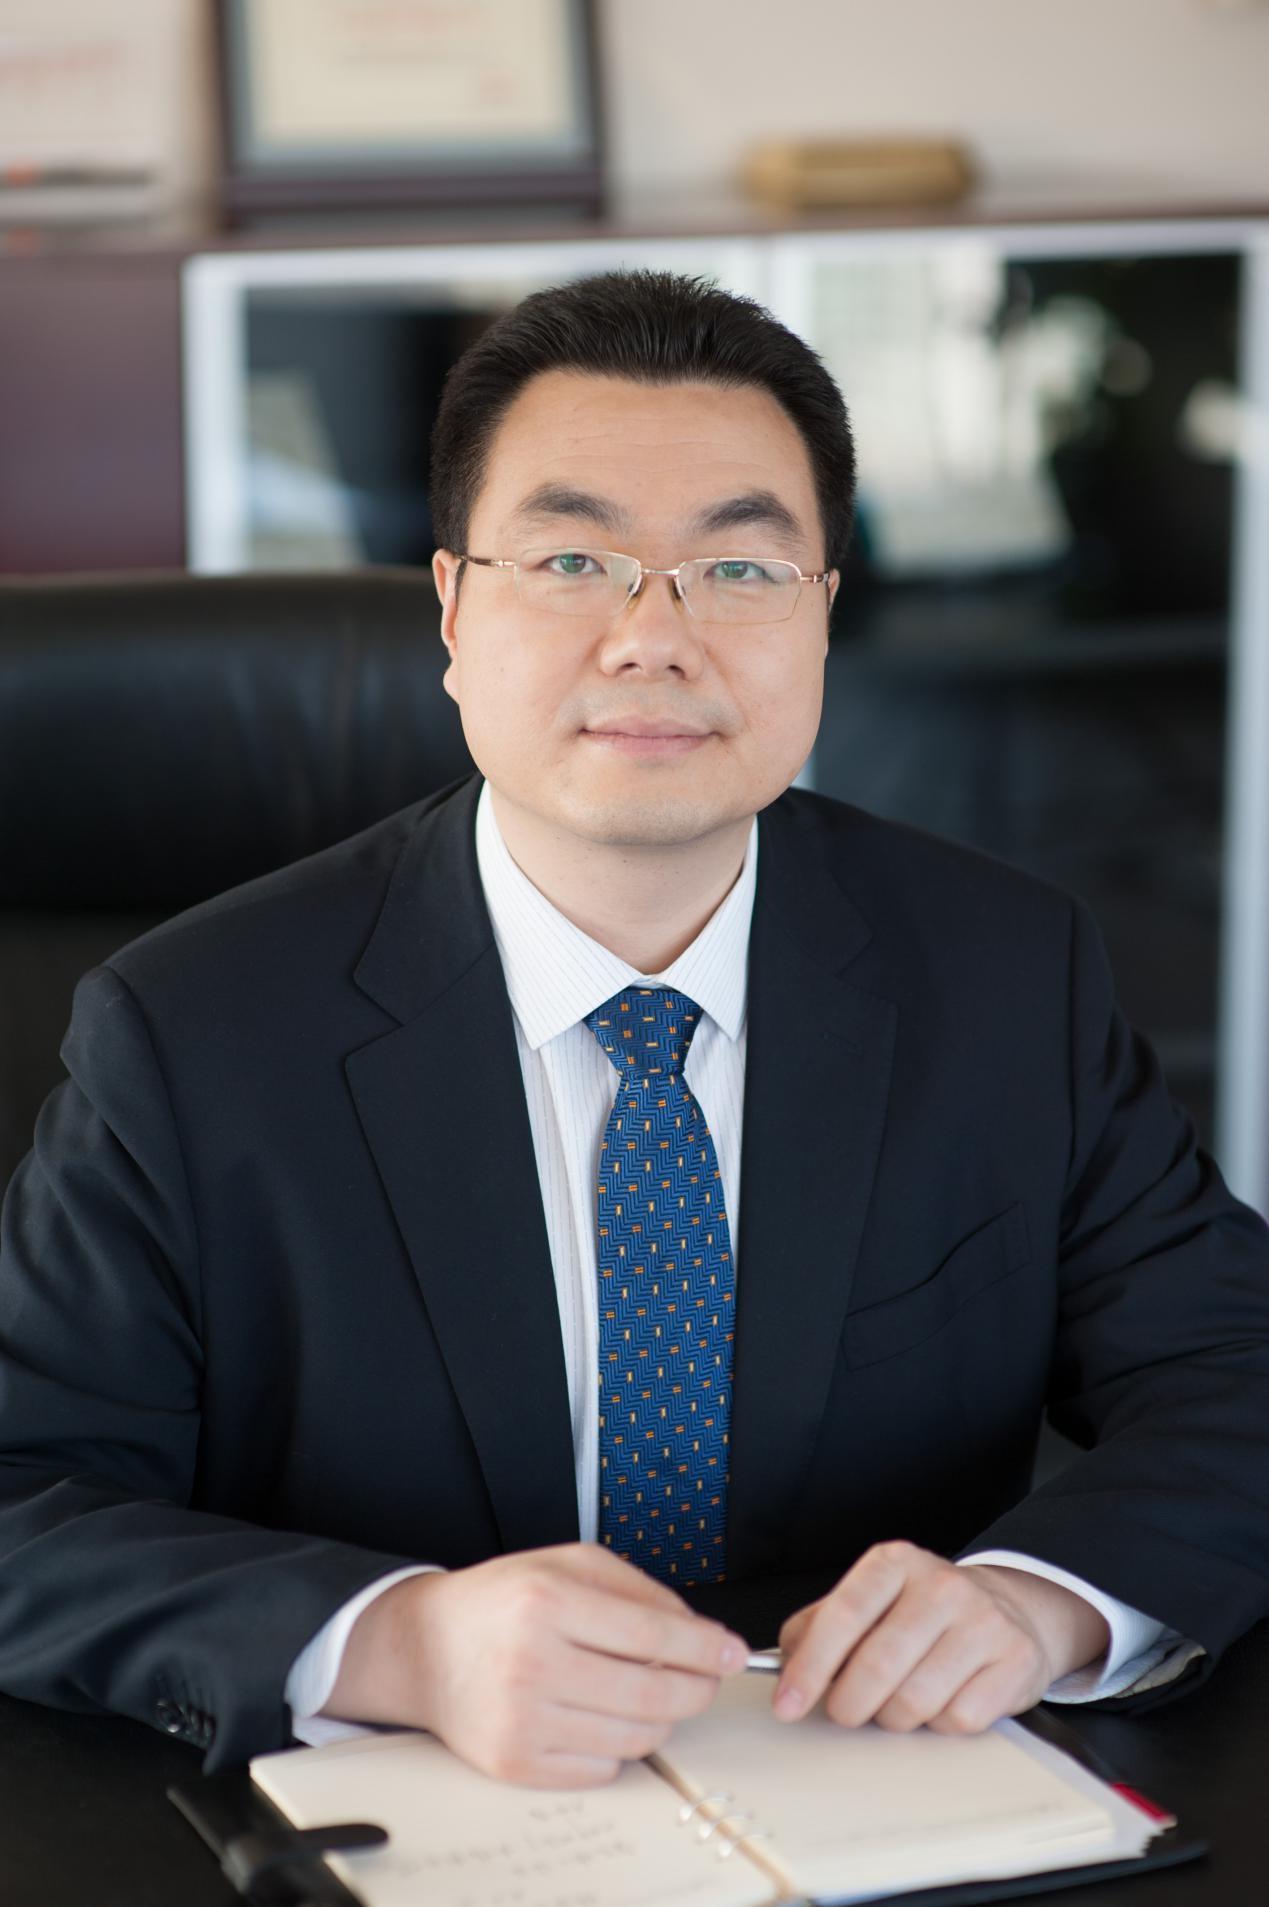 长江对话|稳盛投资许亚峰 调控新常态下的房地产投资契机